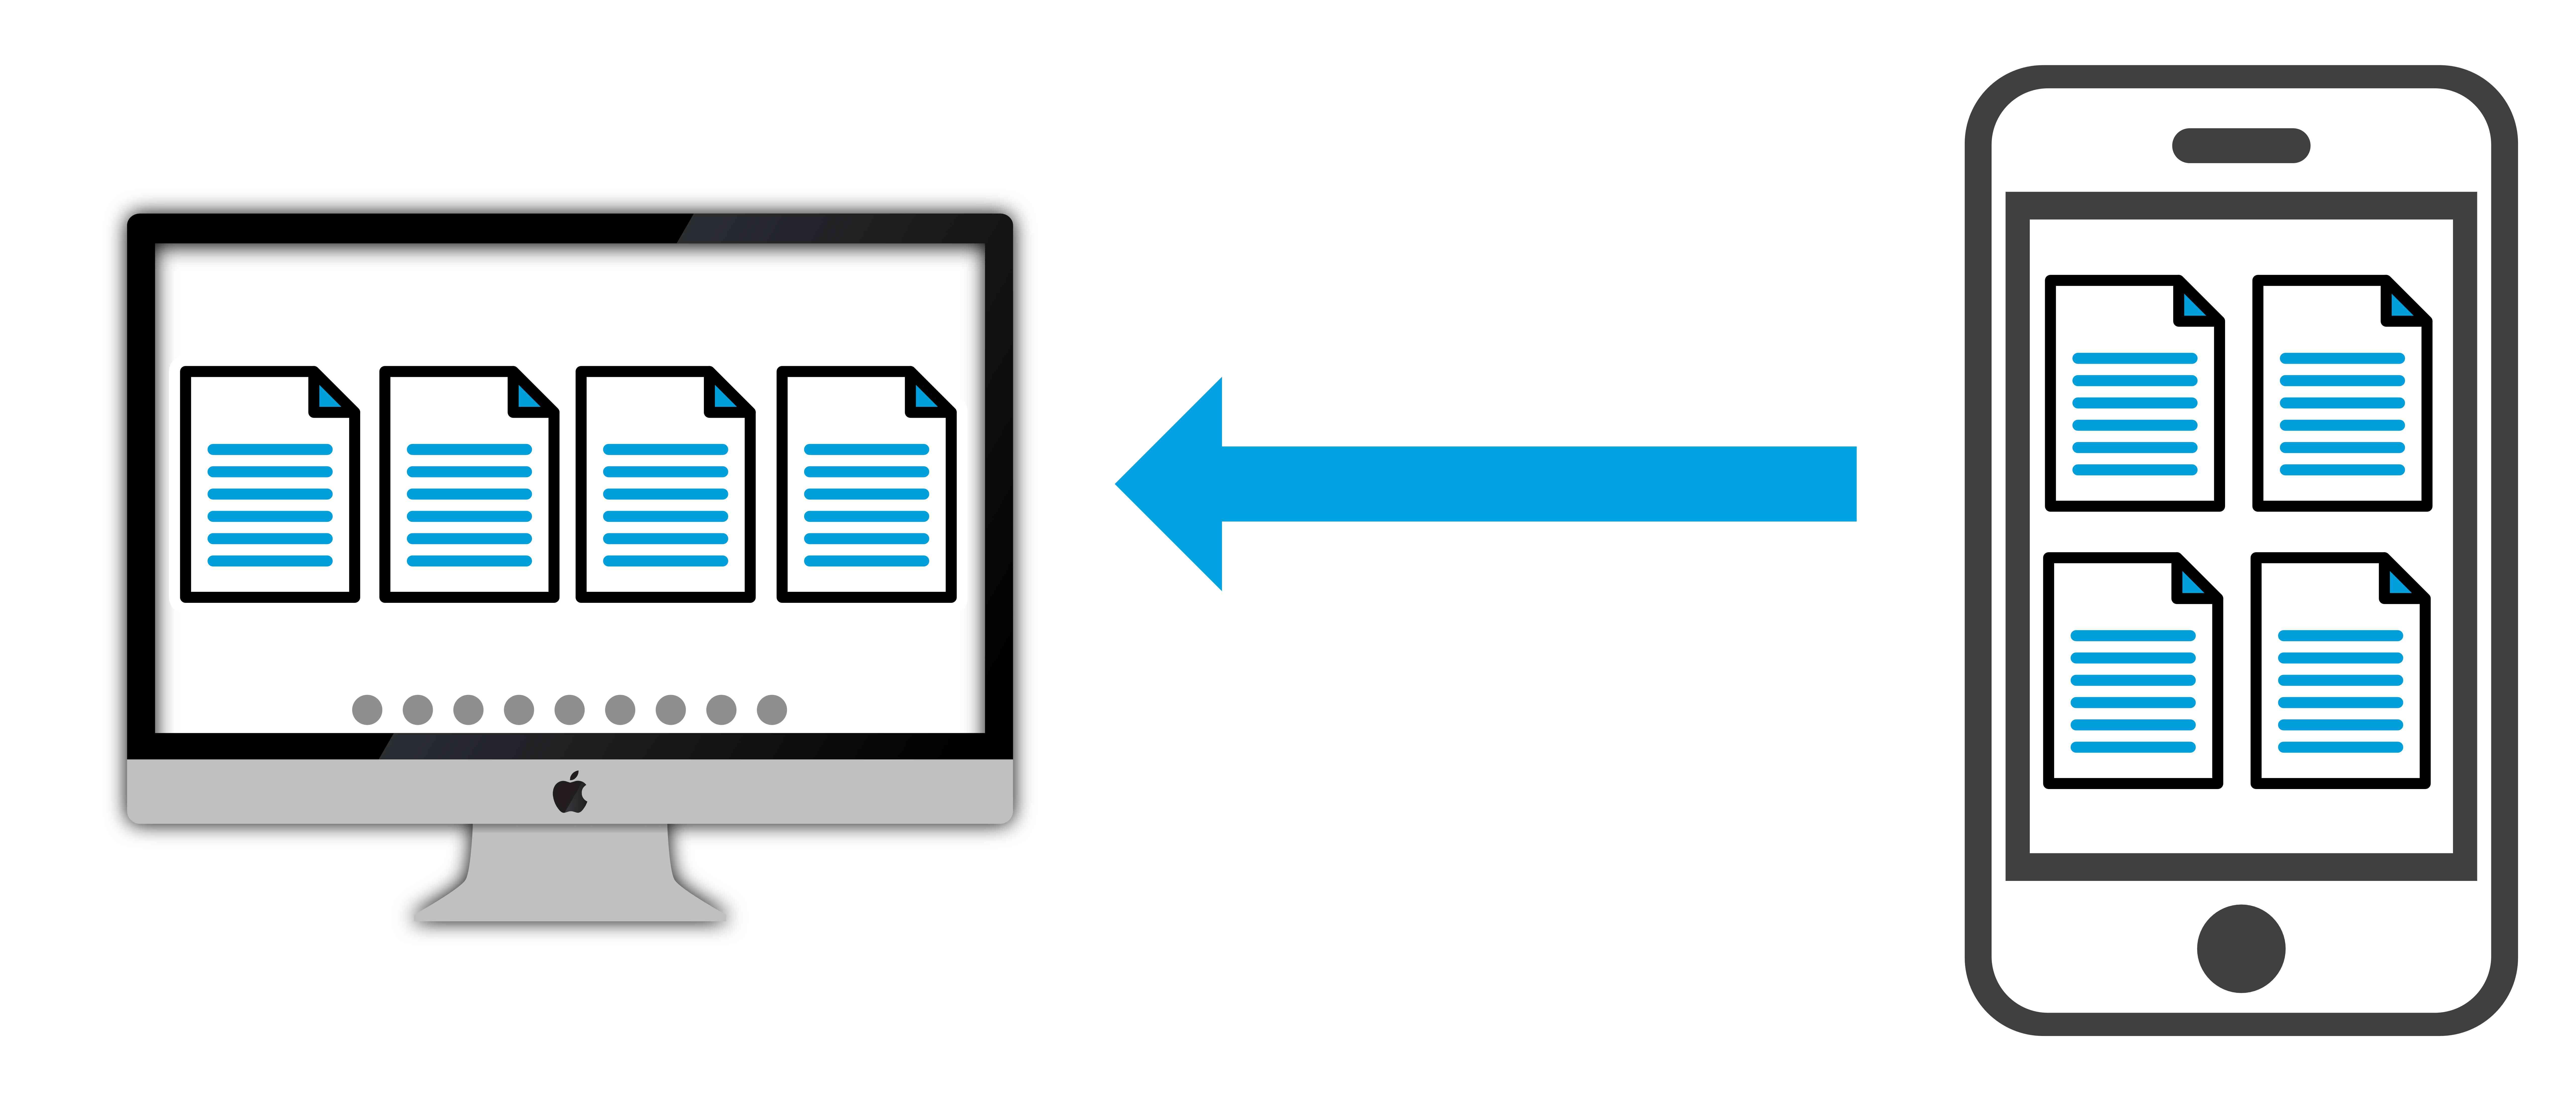 Erfahren Sie Schritt für Schritt, wie Sie Dateien von Ihrem iPhone auf Ihren Mac übertragen können. Hierfür benötigen Sie nur Ihr iPhone sowie Ihren Mac.